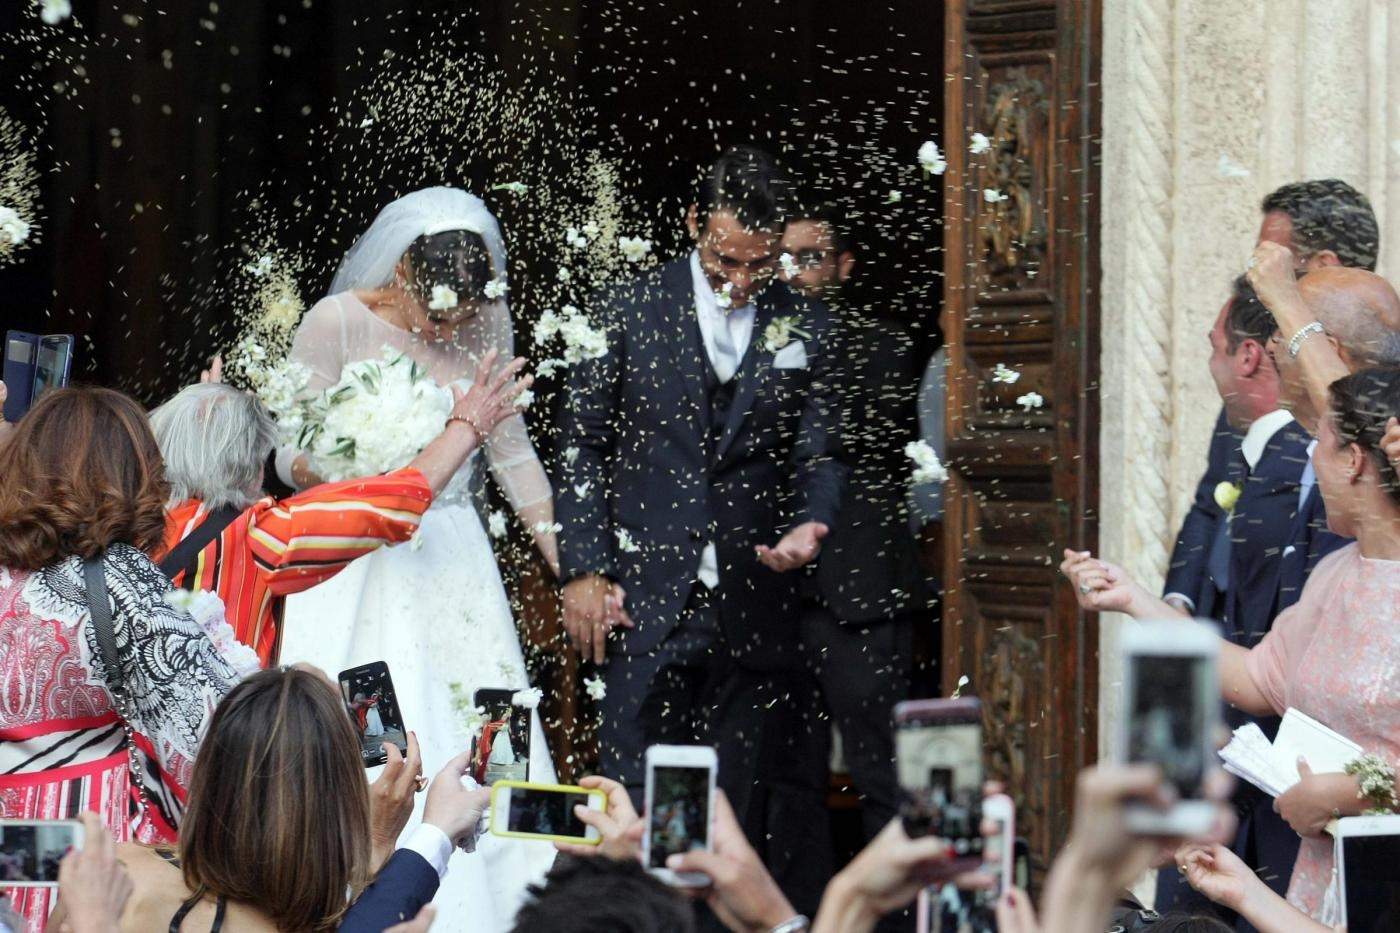 Matrimonio di Flavia Pennetta e Fabio Fognini